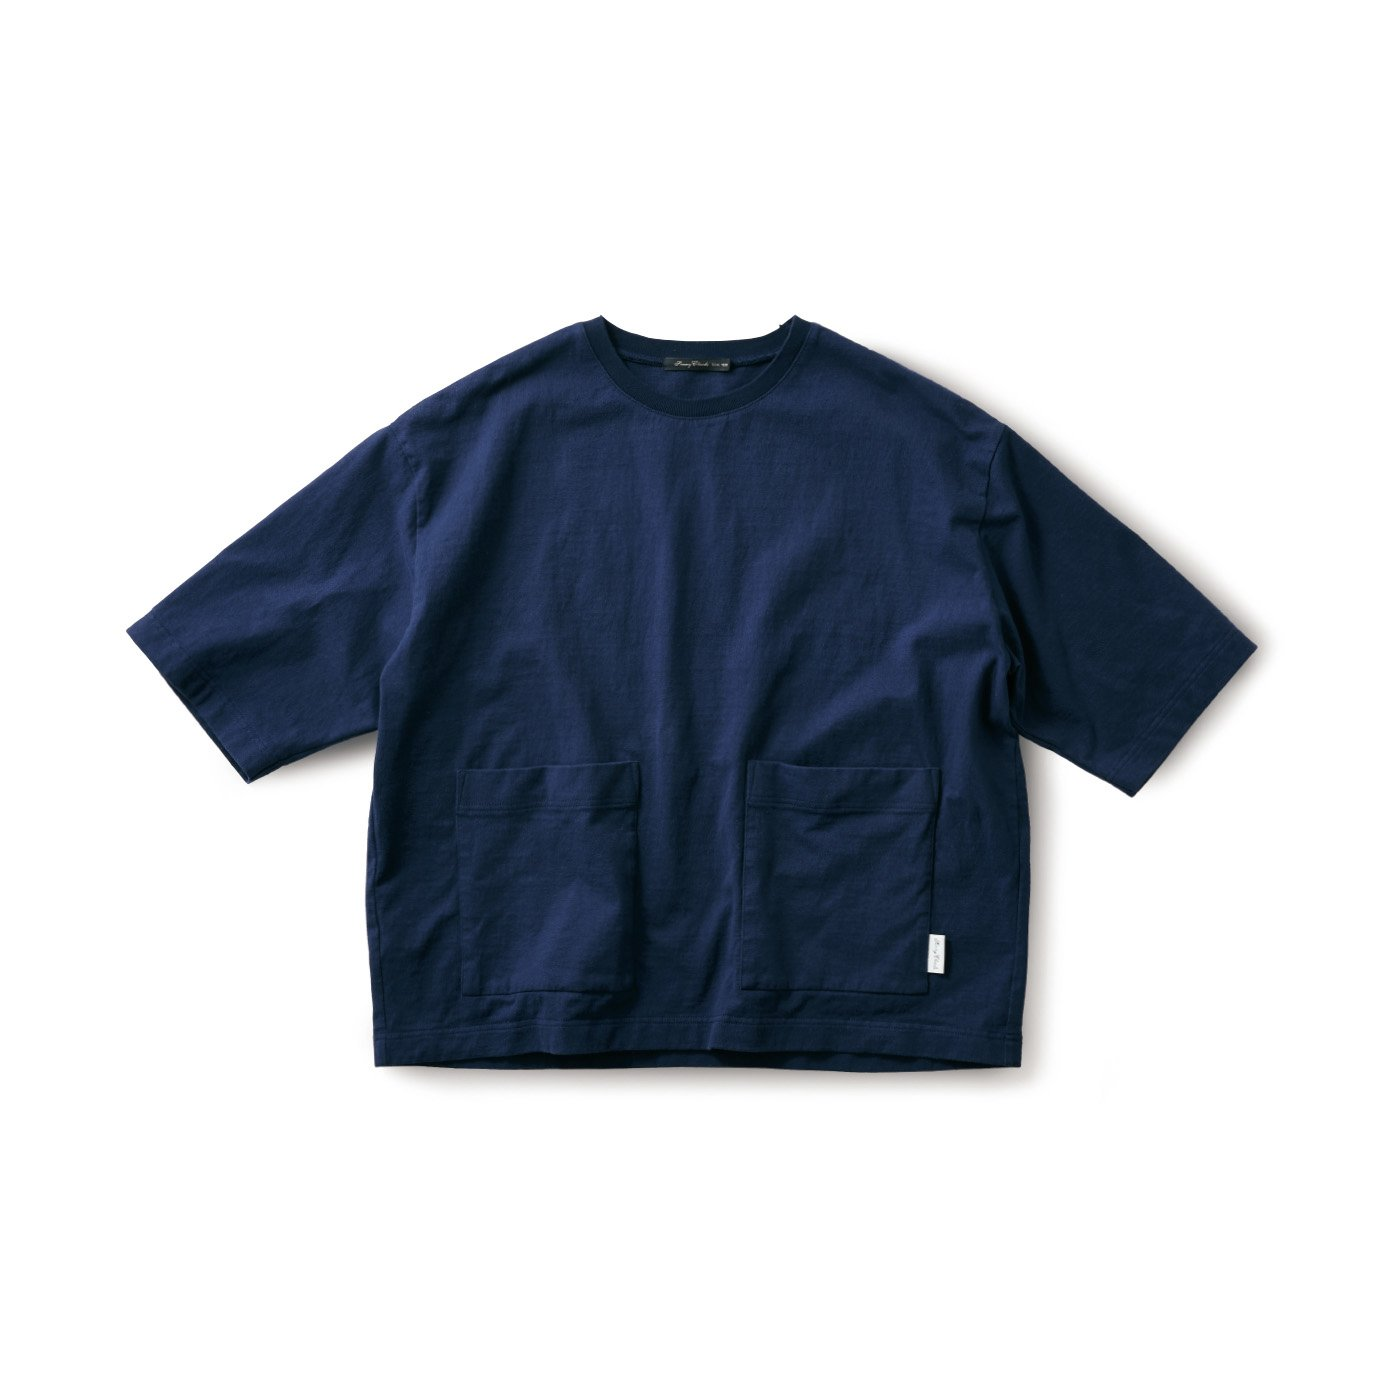 サニークラウズ ドデカいTシャツ〈メンズ〉